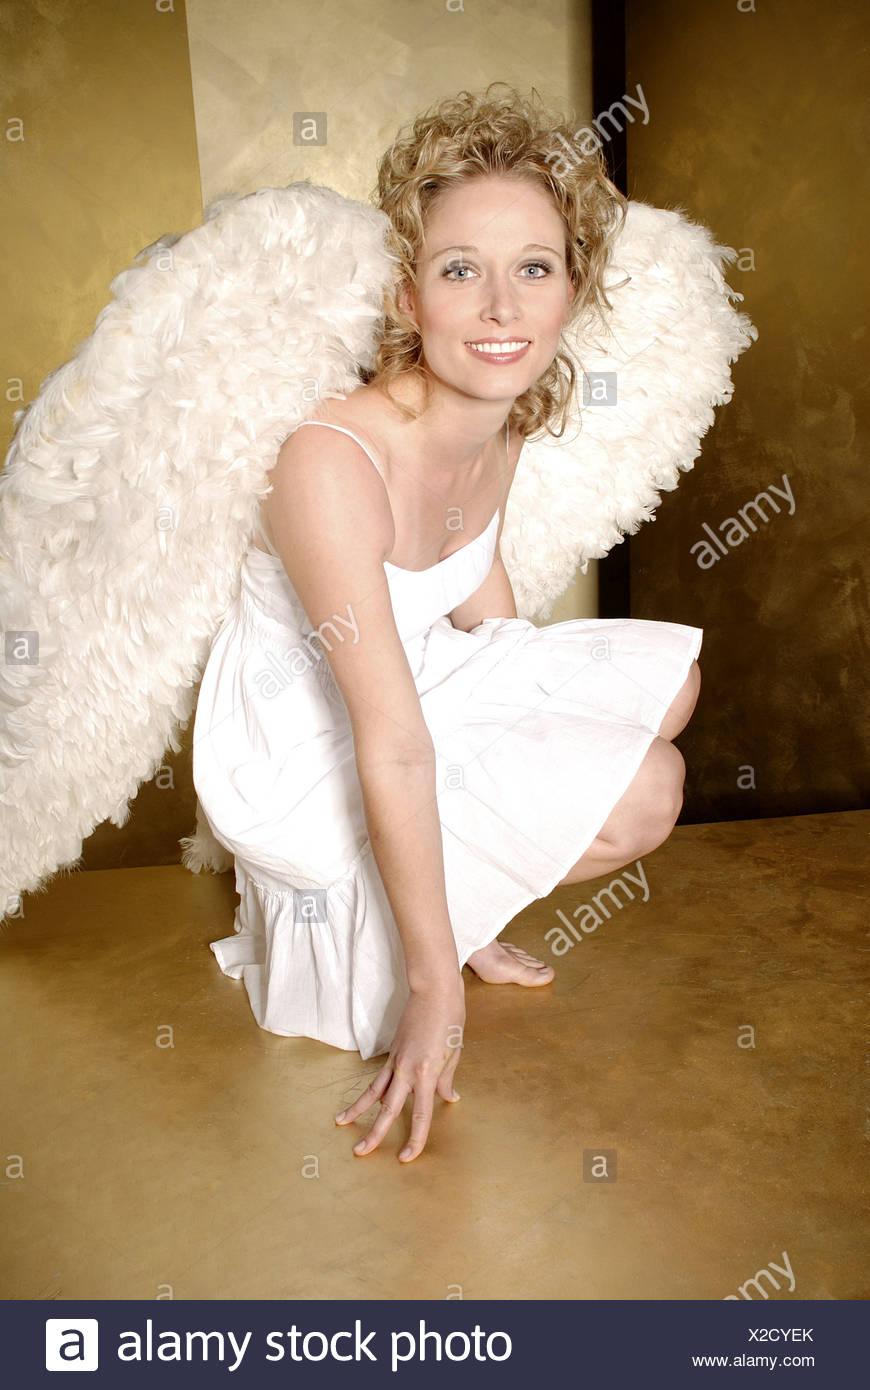 b1414ea1cb9 Frau junge blonde Engelsflügel fröhlich lächelnd Kleid Crouch barfuß  Weihnachten Menschen Weihnachten-Engel Engel Engel-outfit